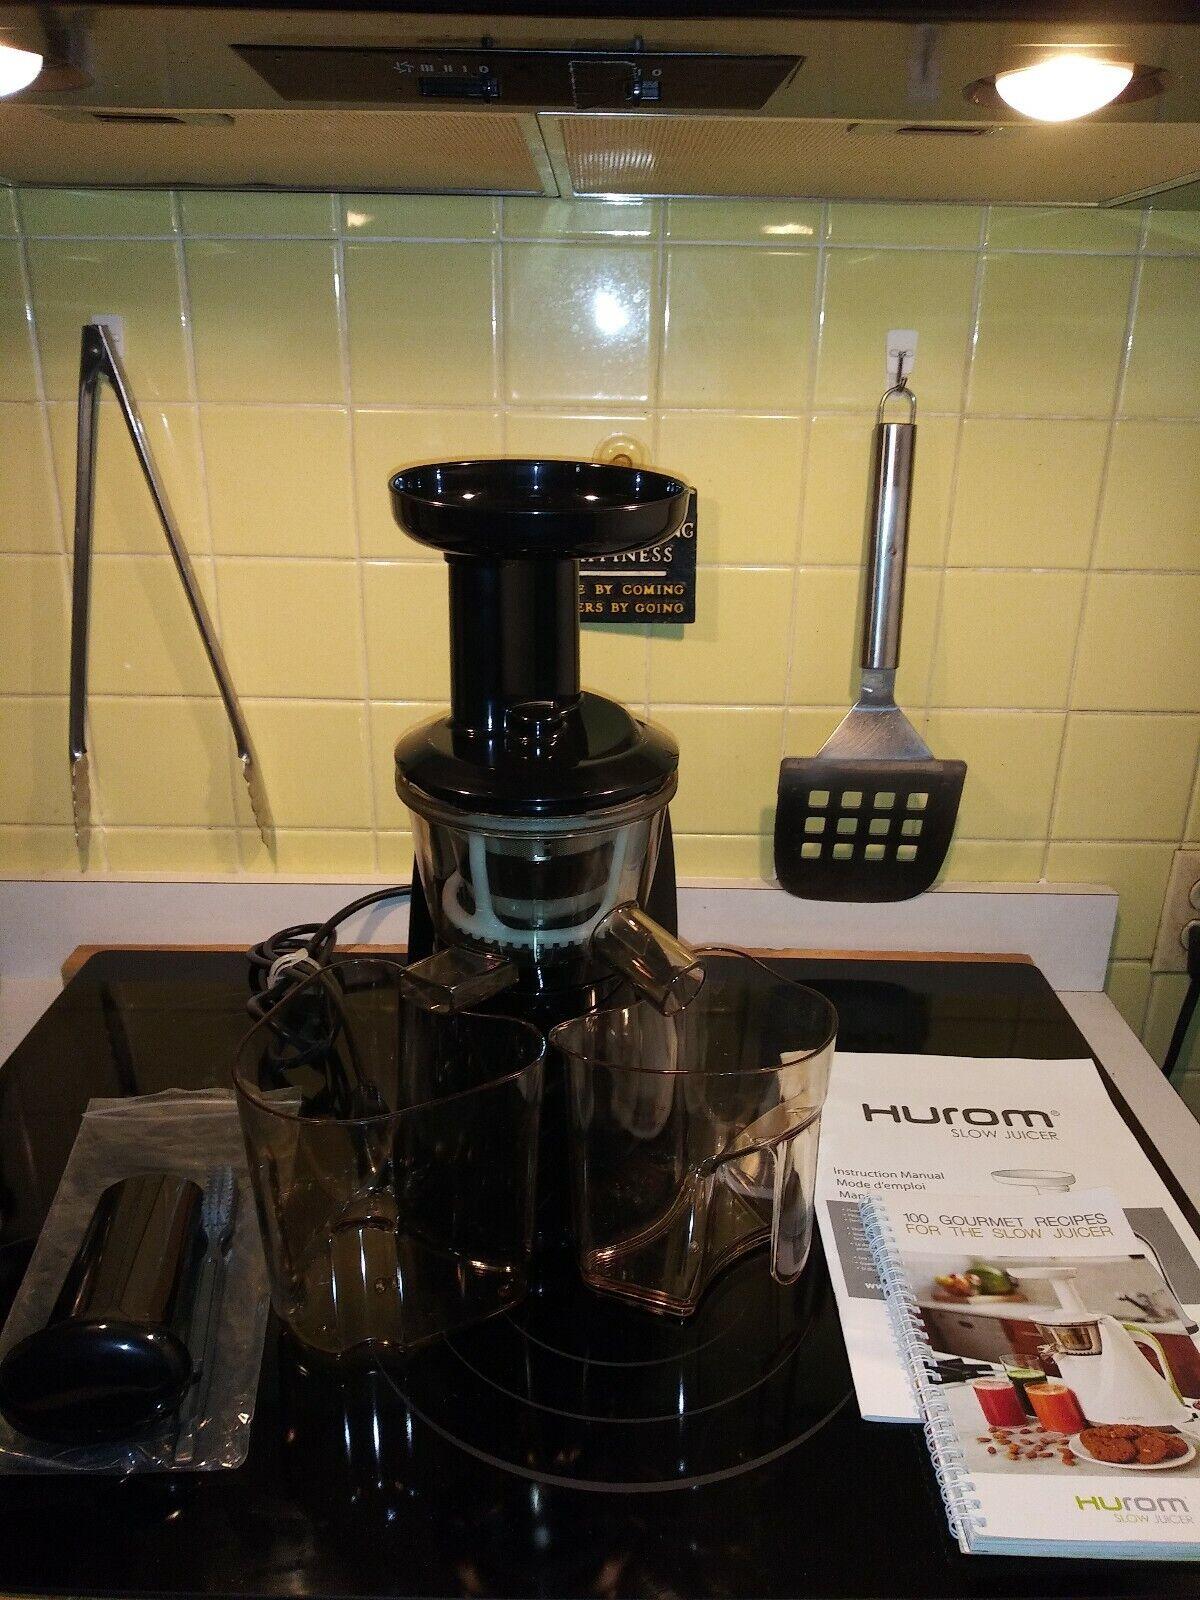 HUROM MASTICATING SLOW Juicer, Black